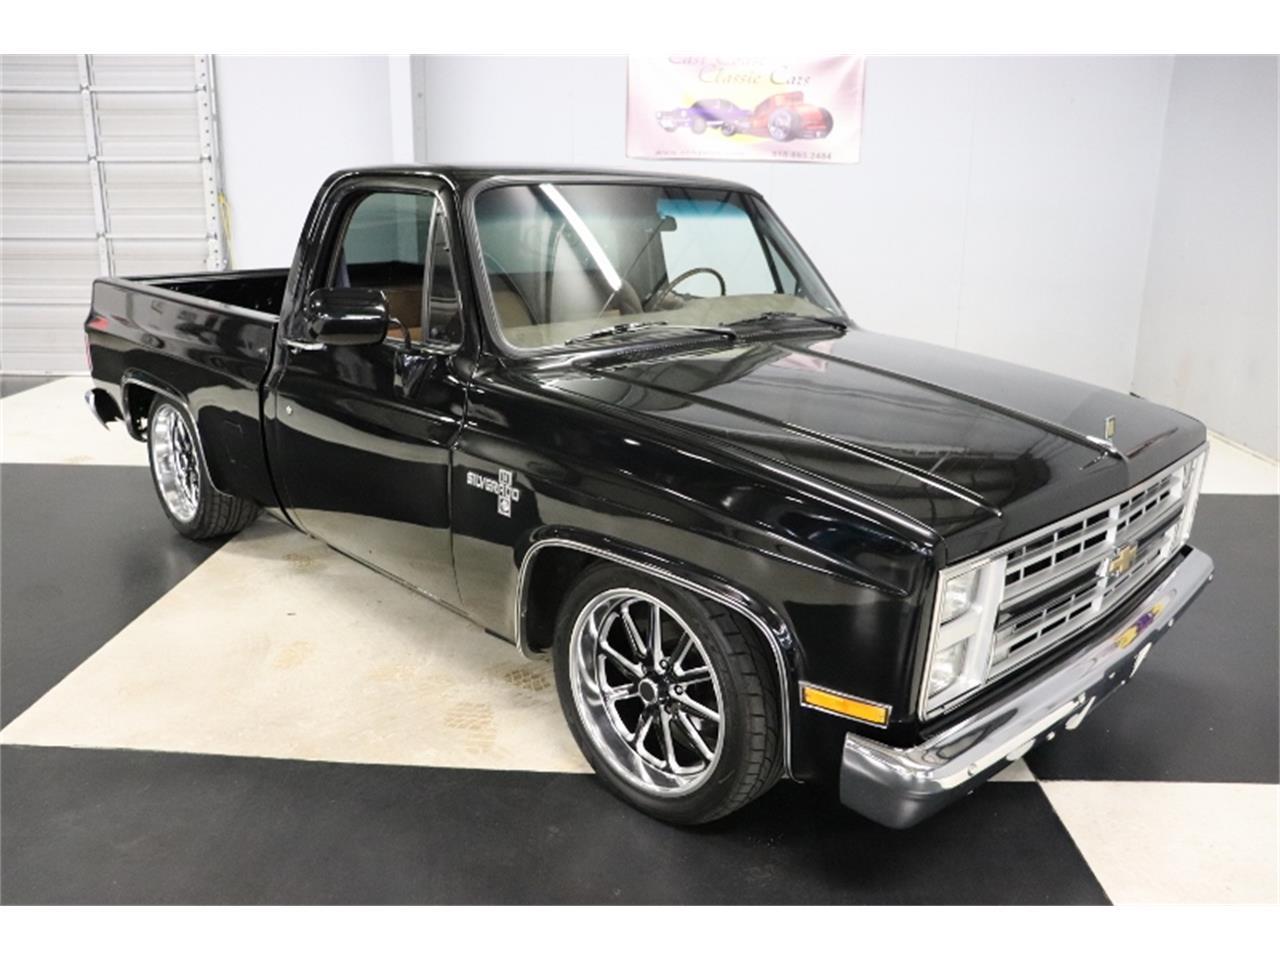 1985 Chevrolet Silverado (CC-1421493) for sale in Lillington, North Carolina